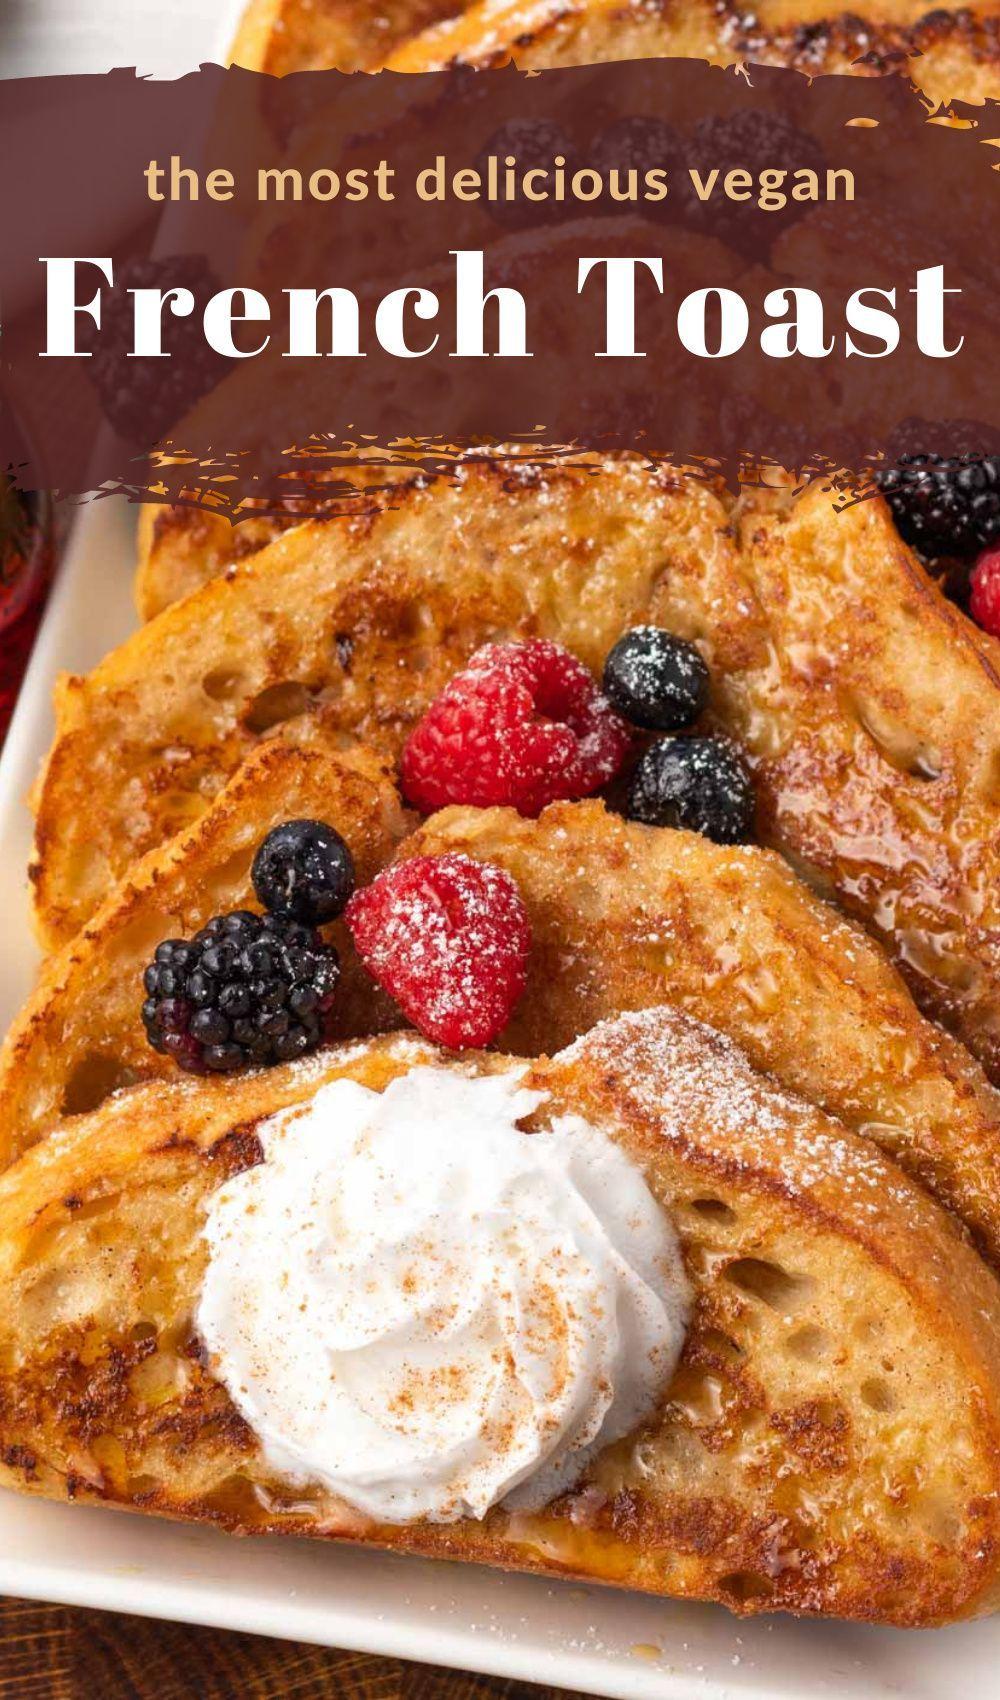 Vegan French Toast 6 Ingredients In 2021 Vegan French Toast French Toast Recipe Vegan Cream Cheese Frosting